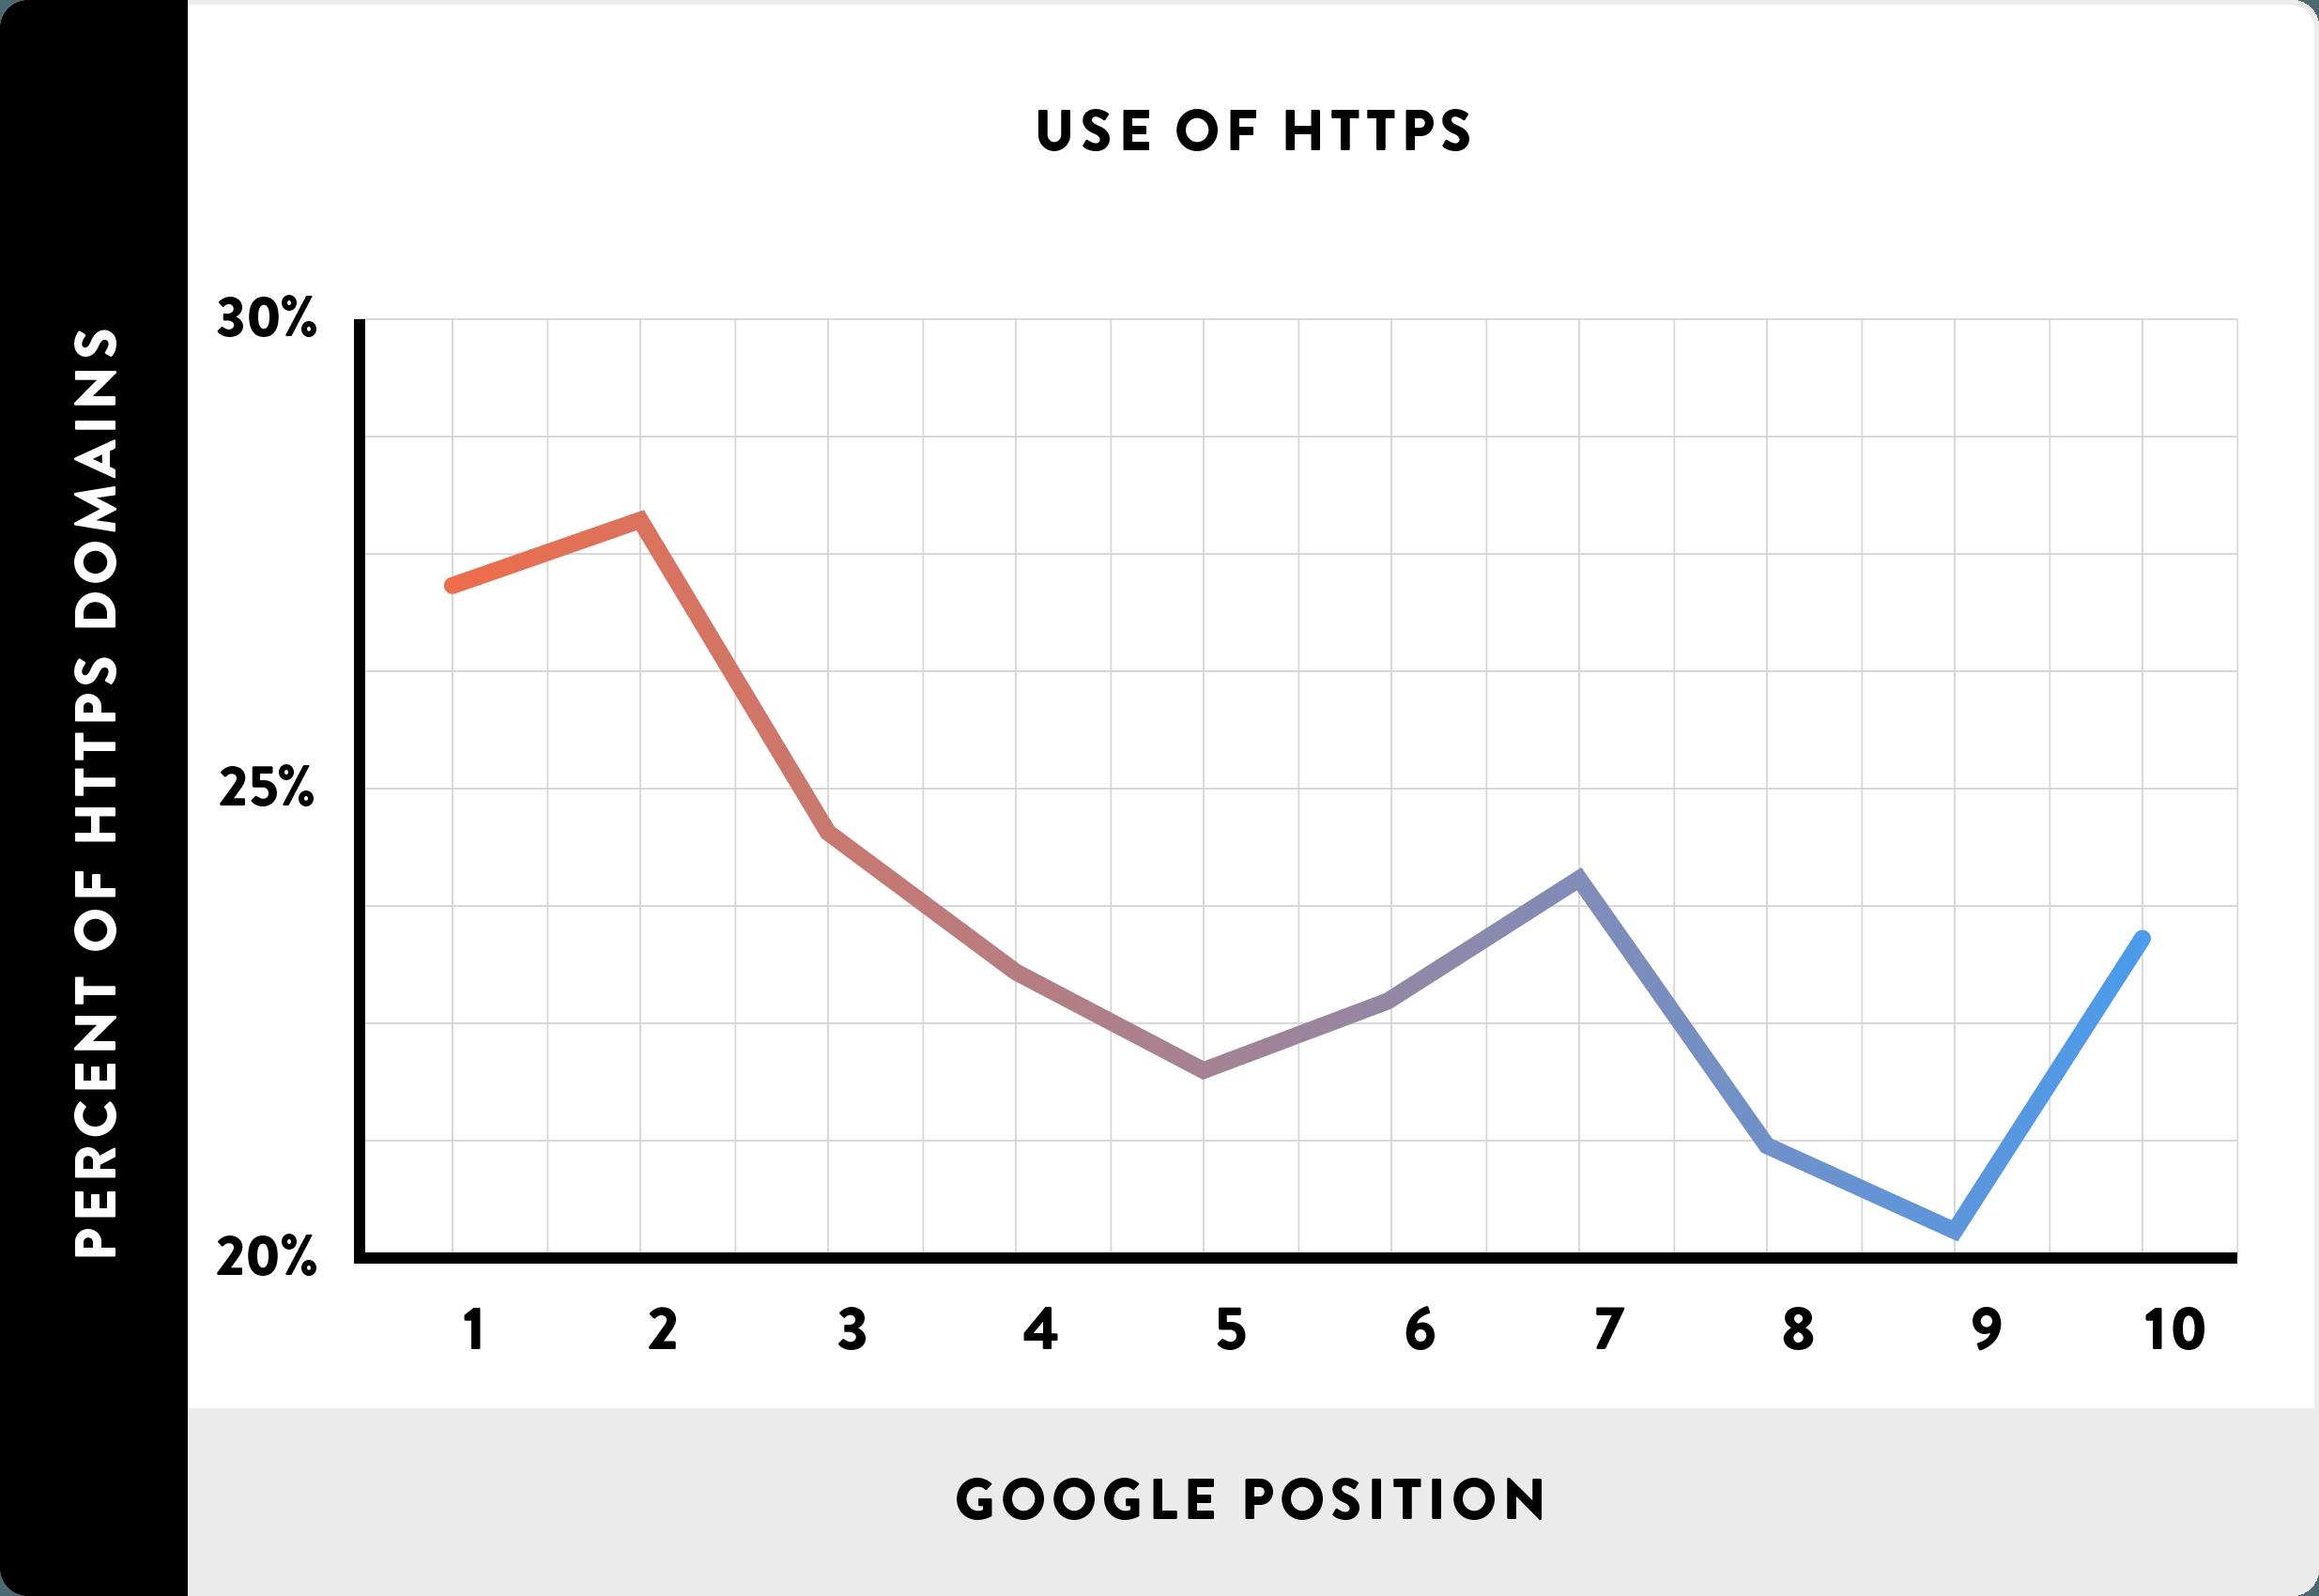 HTTPs increases rankings